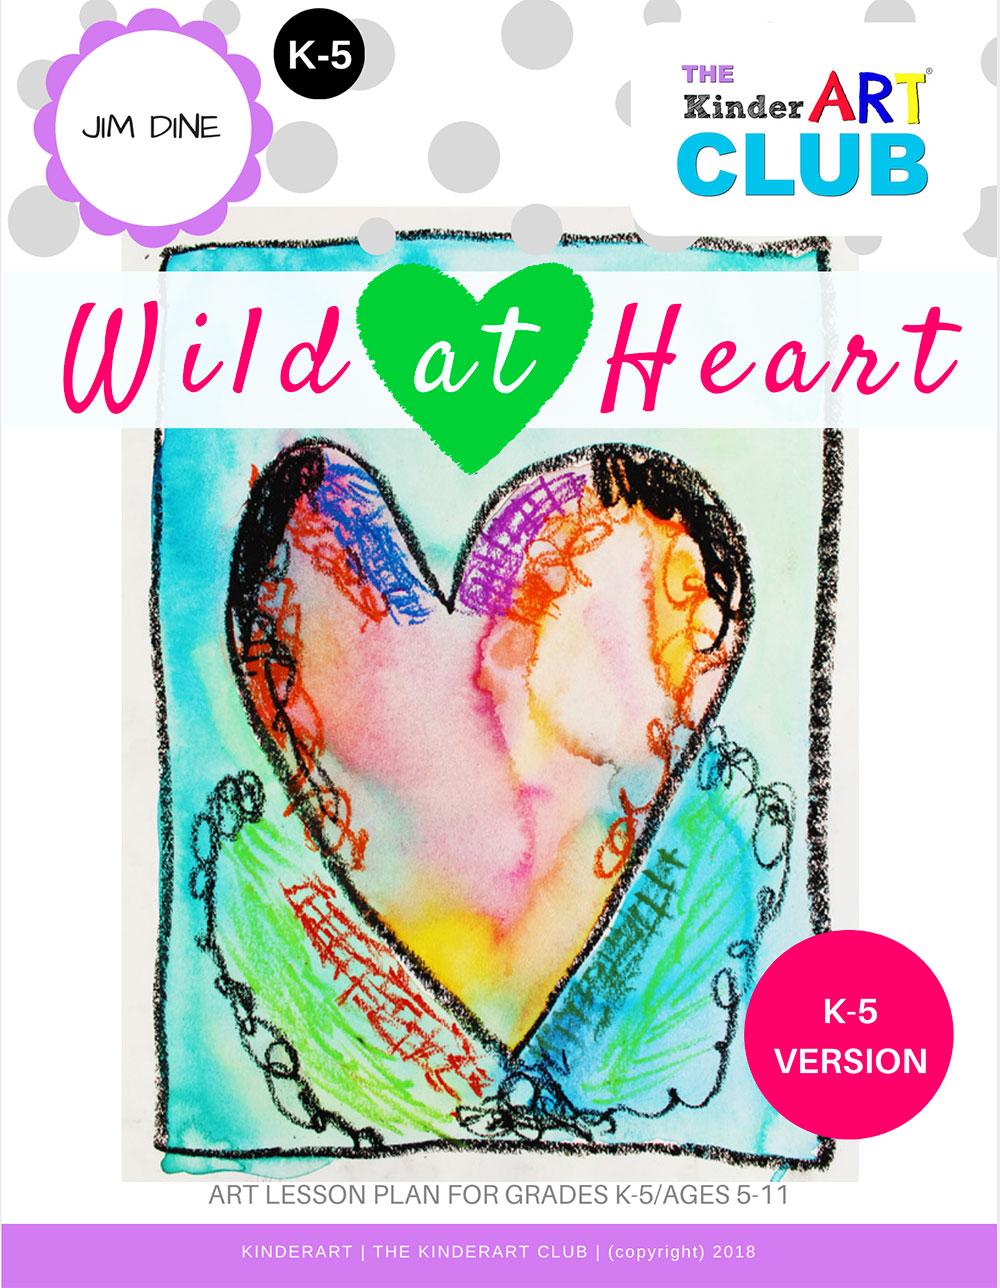 dine_wild_heart_k-5